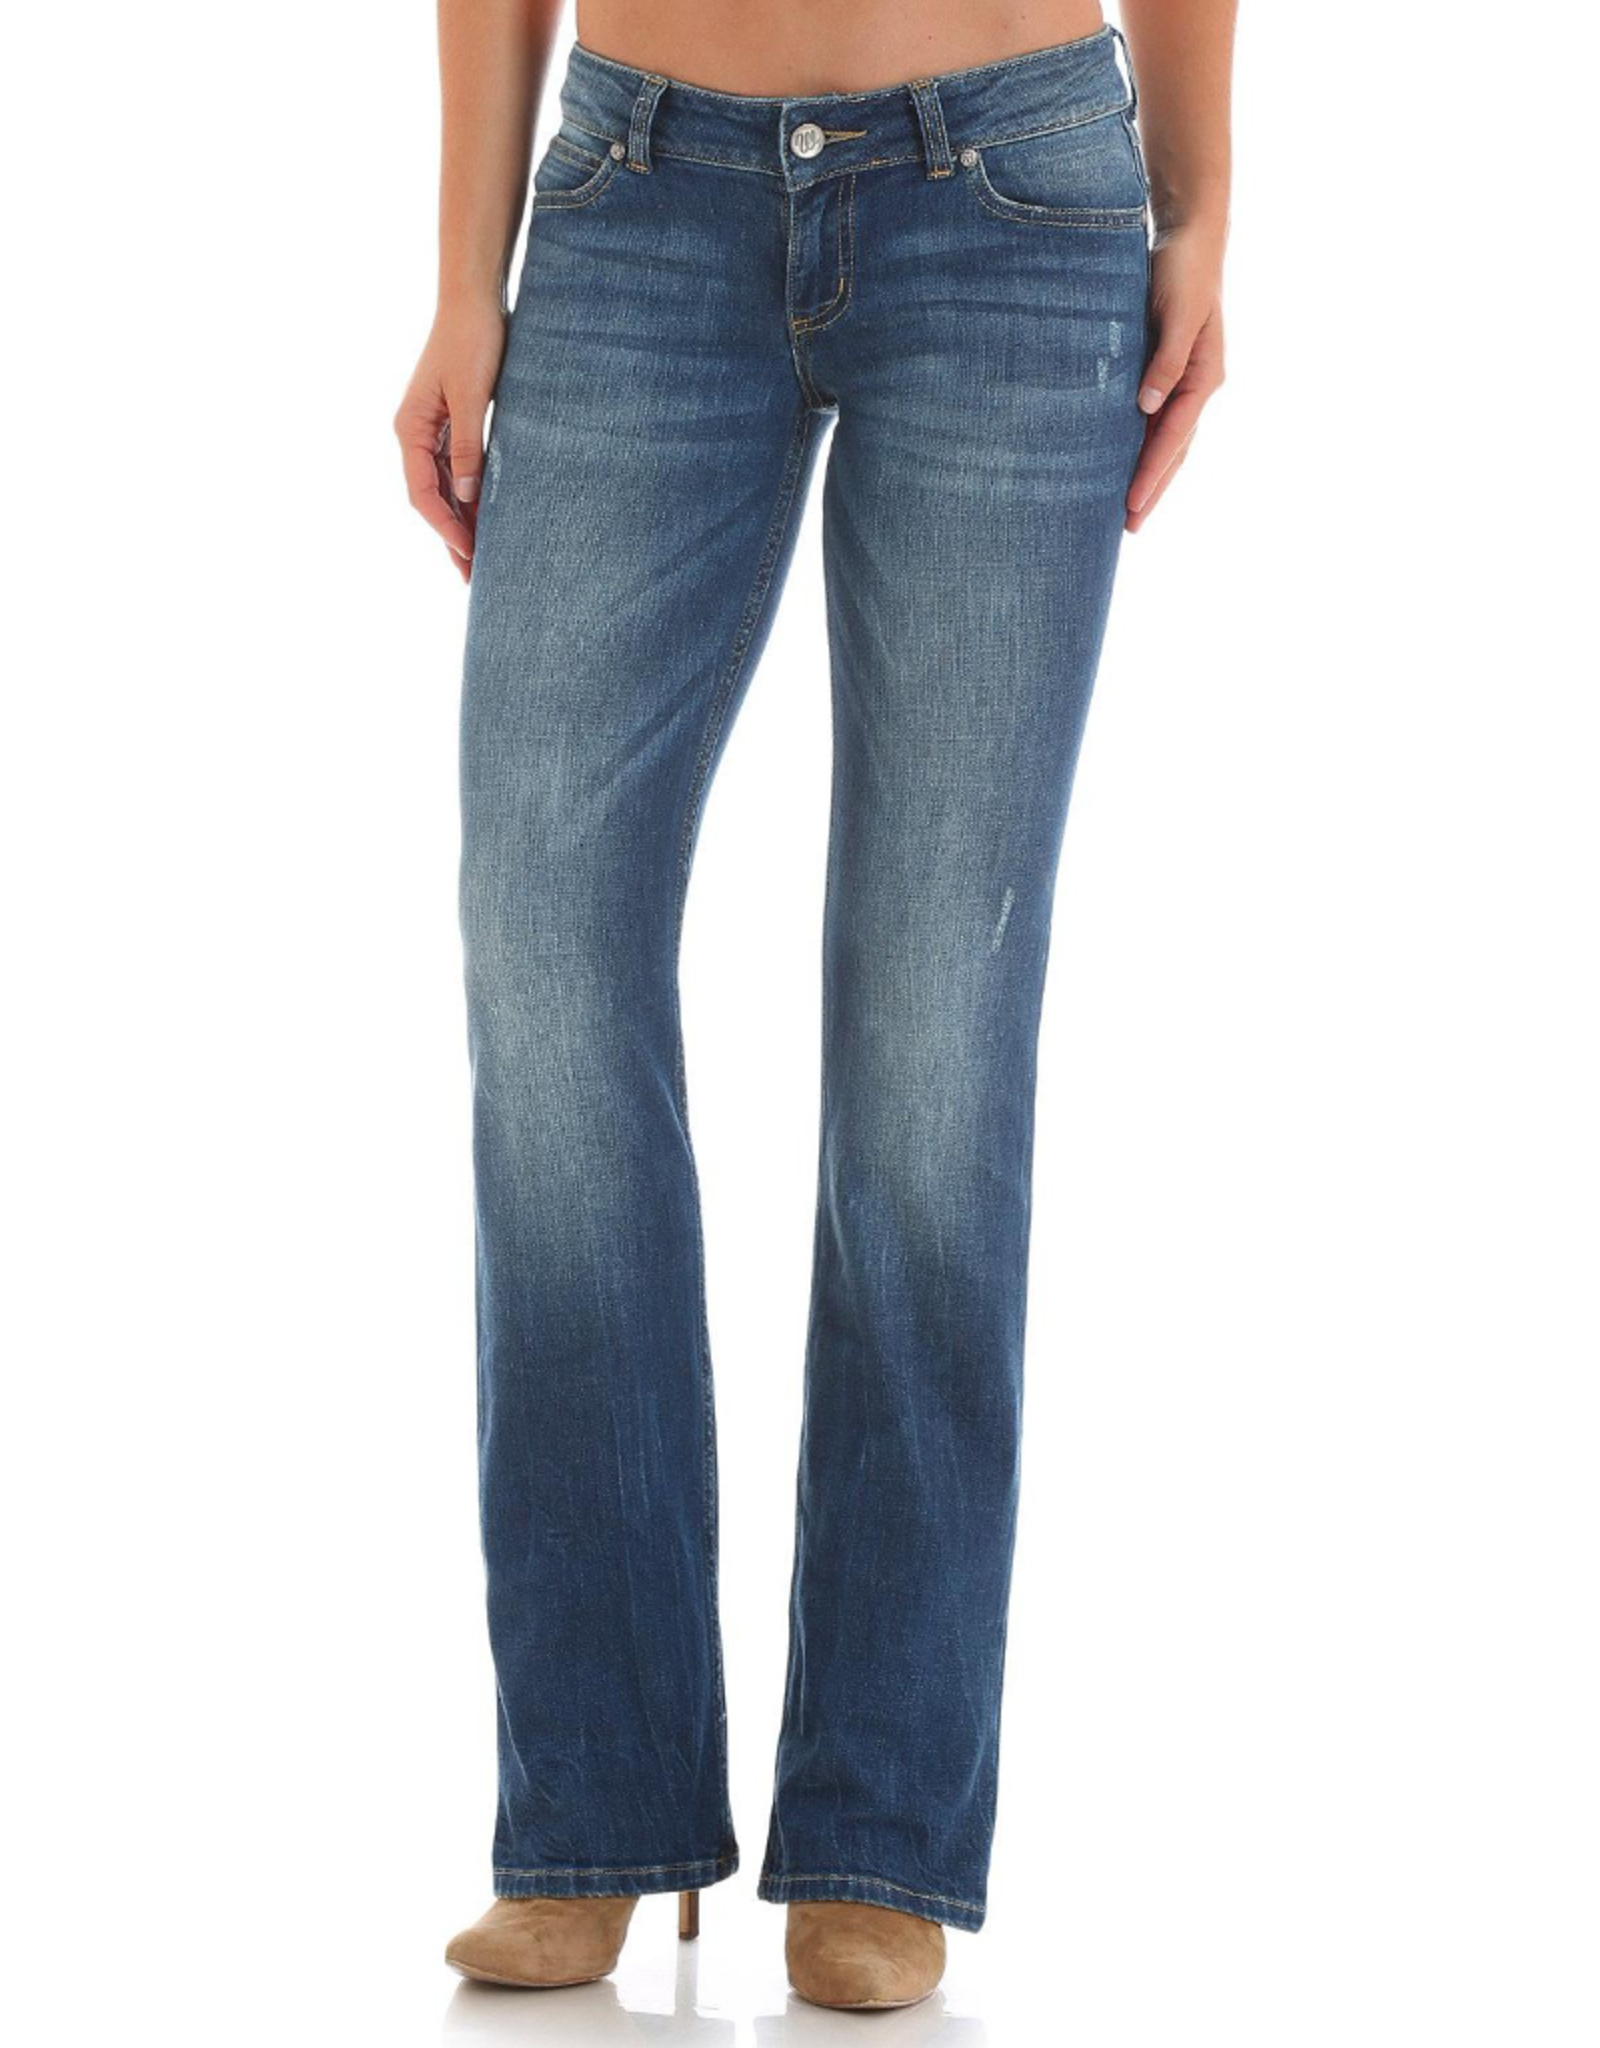 Wrangler Wrangler Sadie Retro Jeans